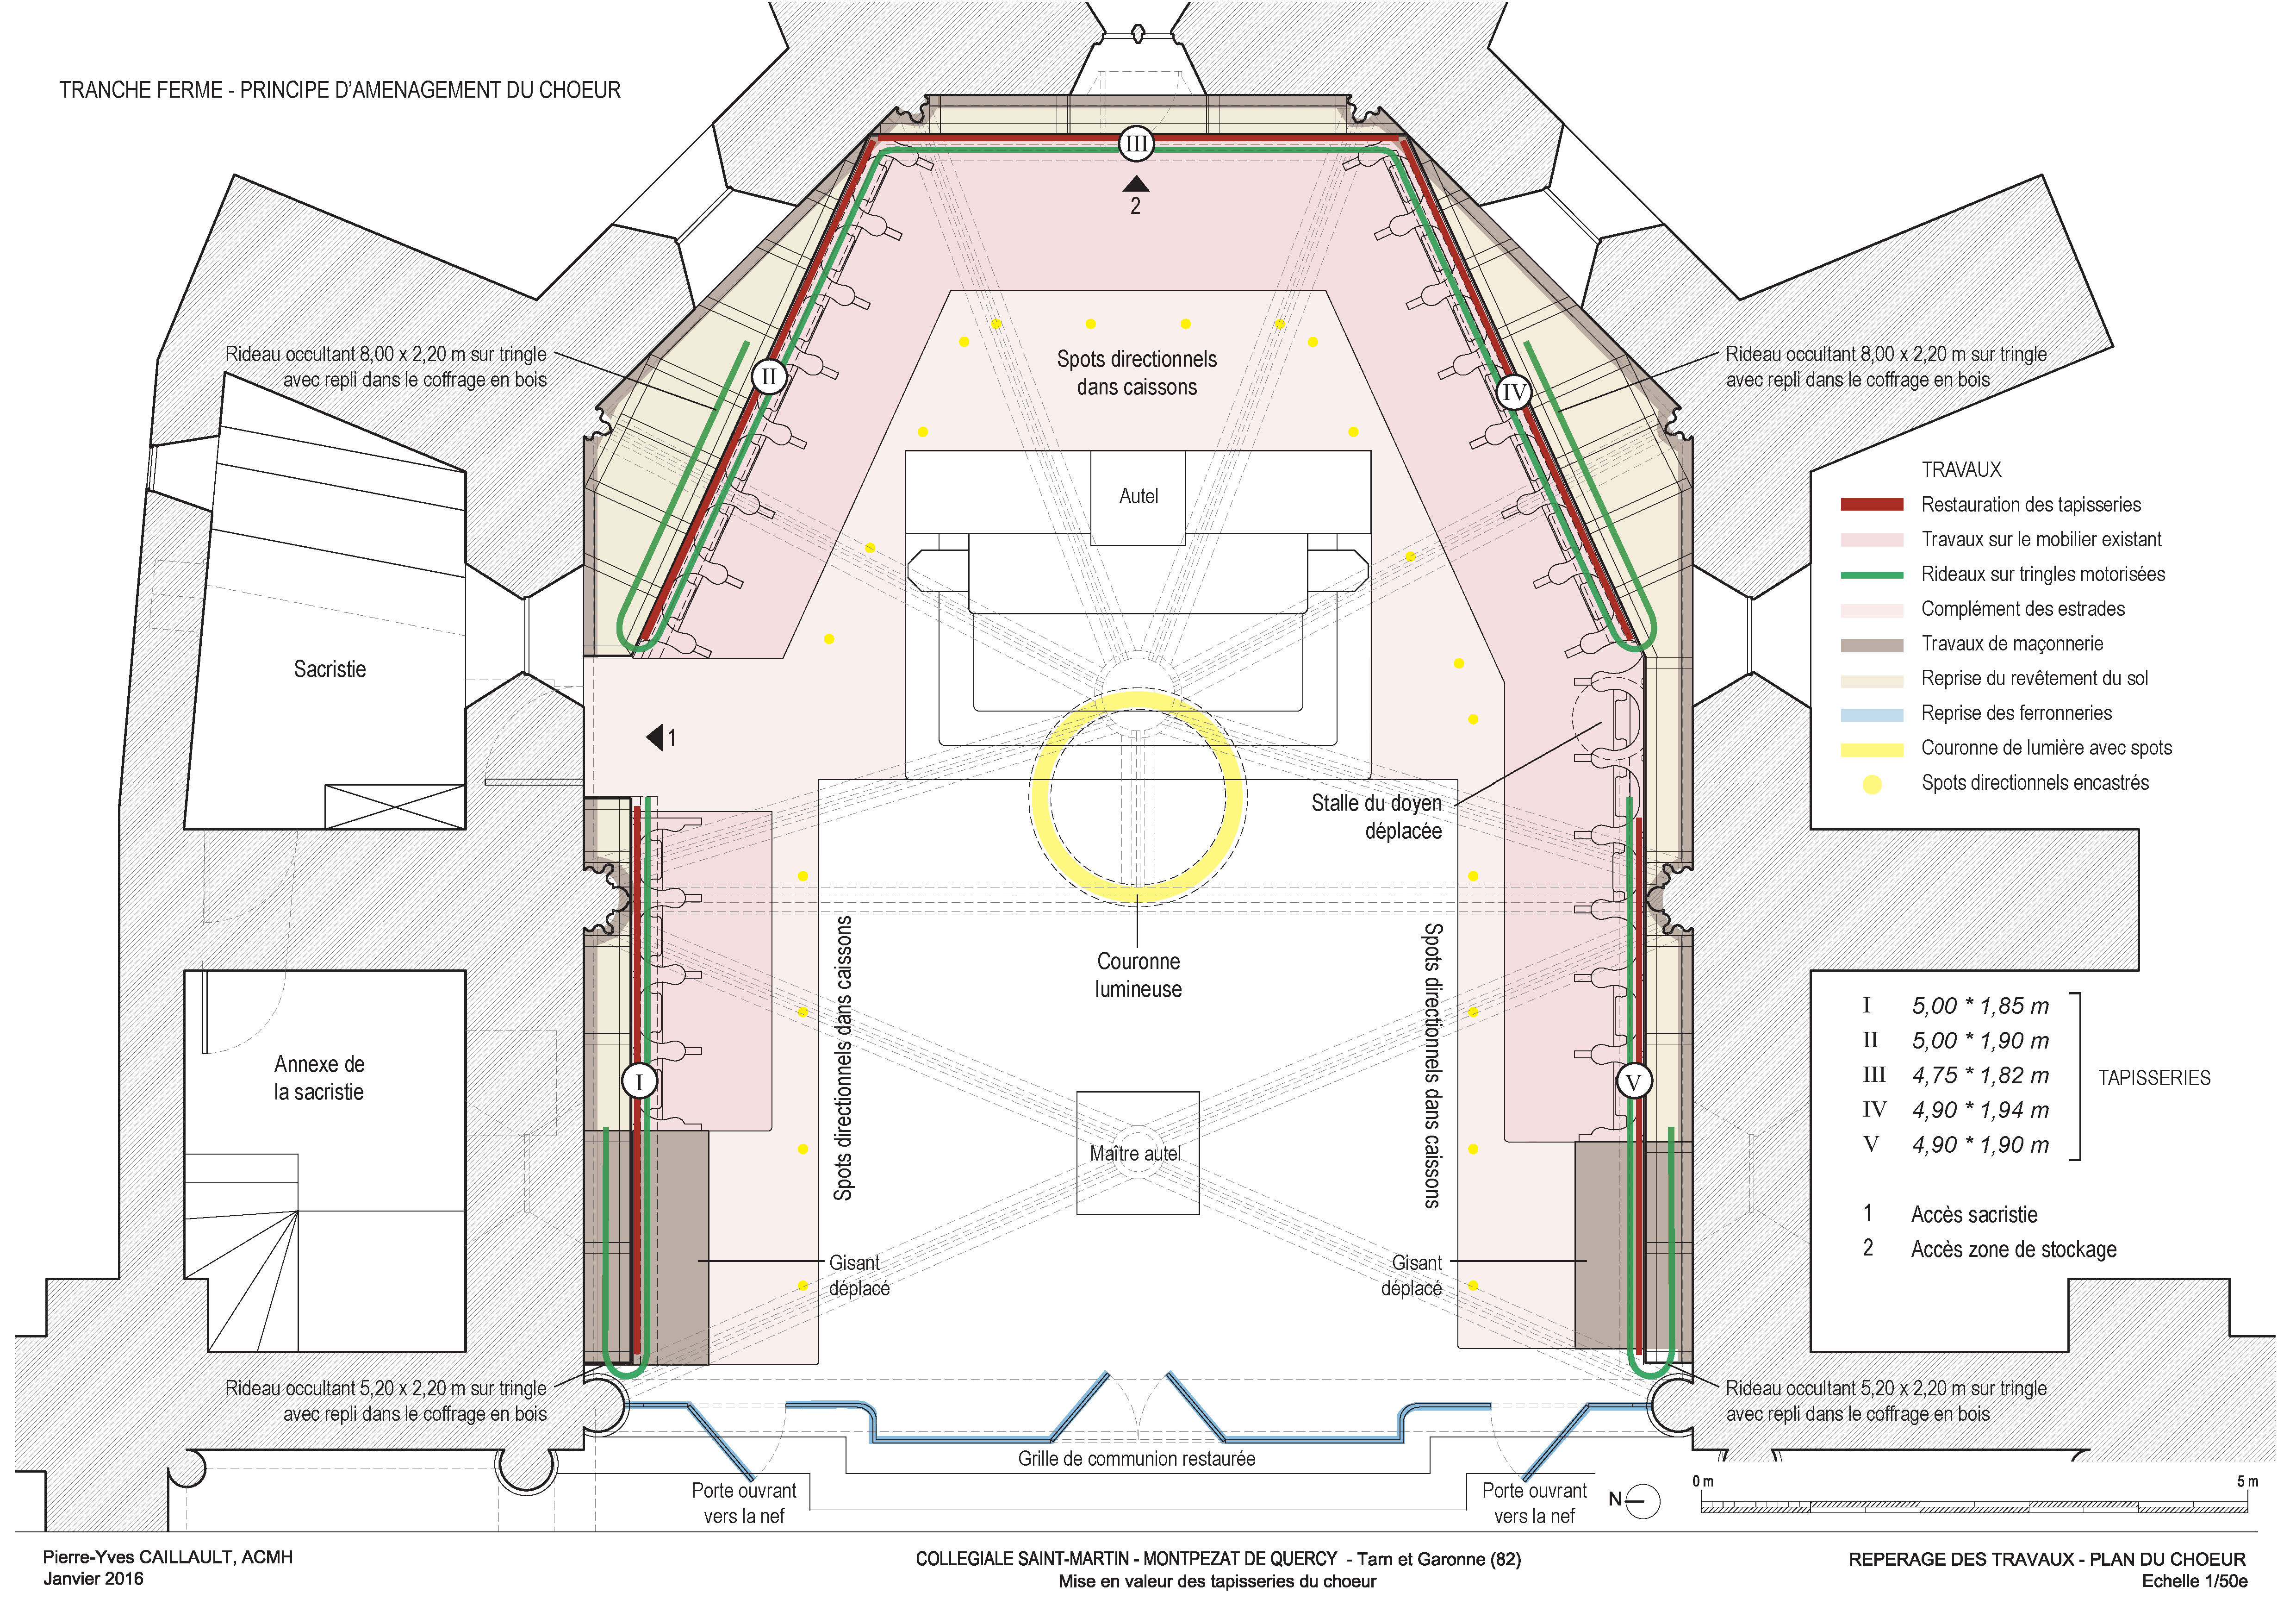 Agence Caillault ACMH – Collégiale Saint-Martin – Montpezat-de-Quercy – Plan de l'état projété